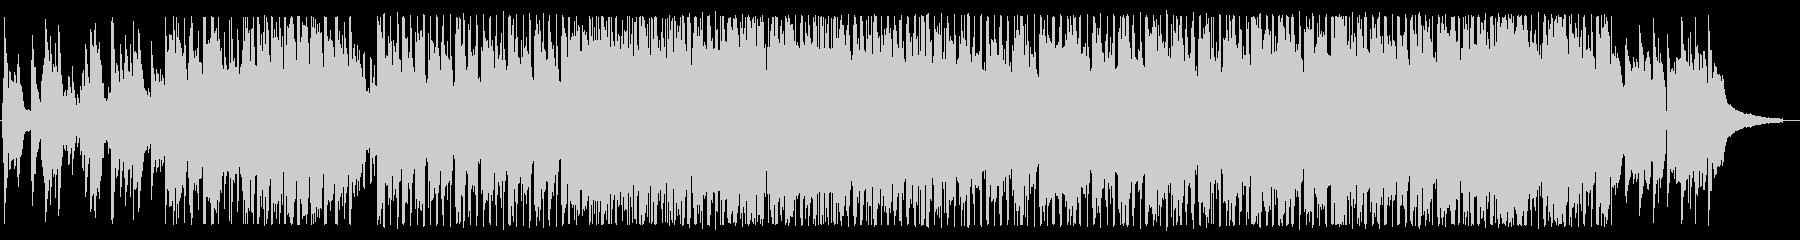 ポップ。ポップロックの歌。 Bat...の未再生の波形